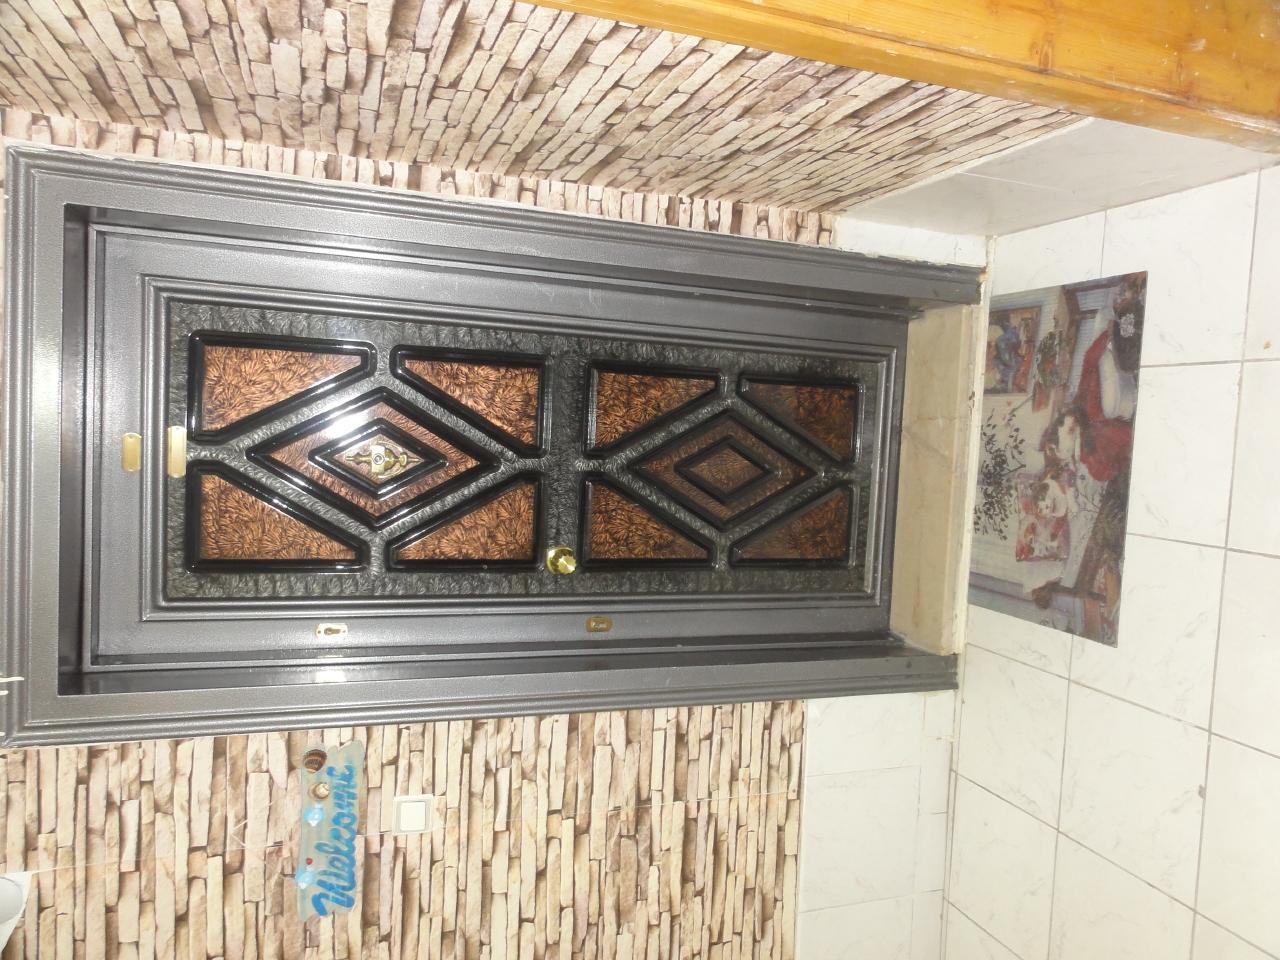 Ferienwohnung Evodak Apartment D 2A (1710500), Balgat, , Zentralanatolien, Türkei, Bild 23